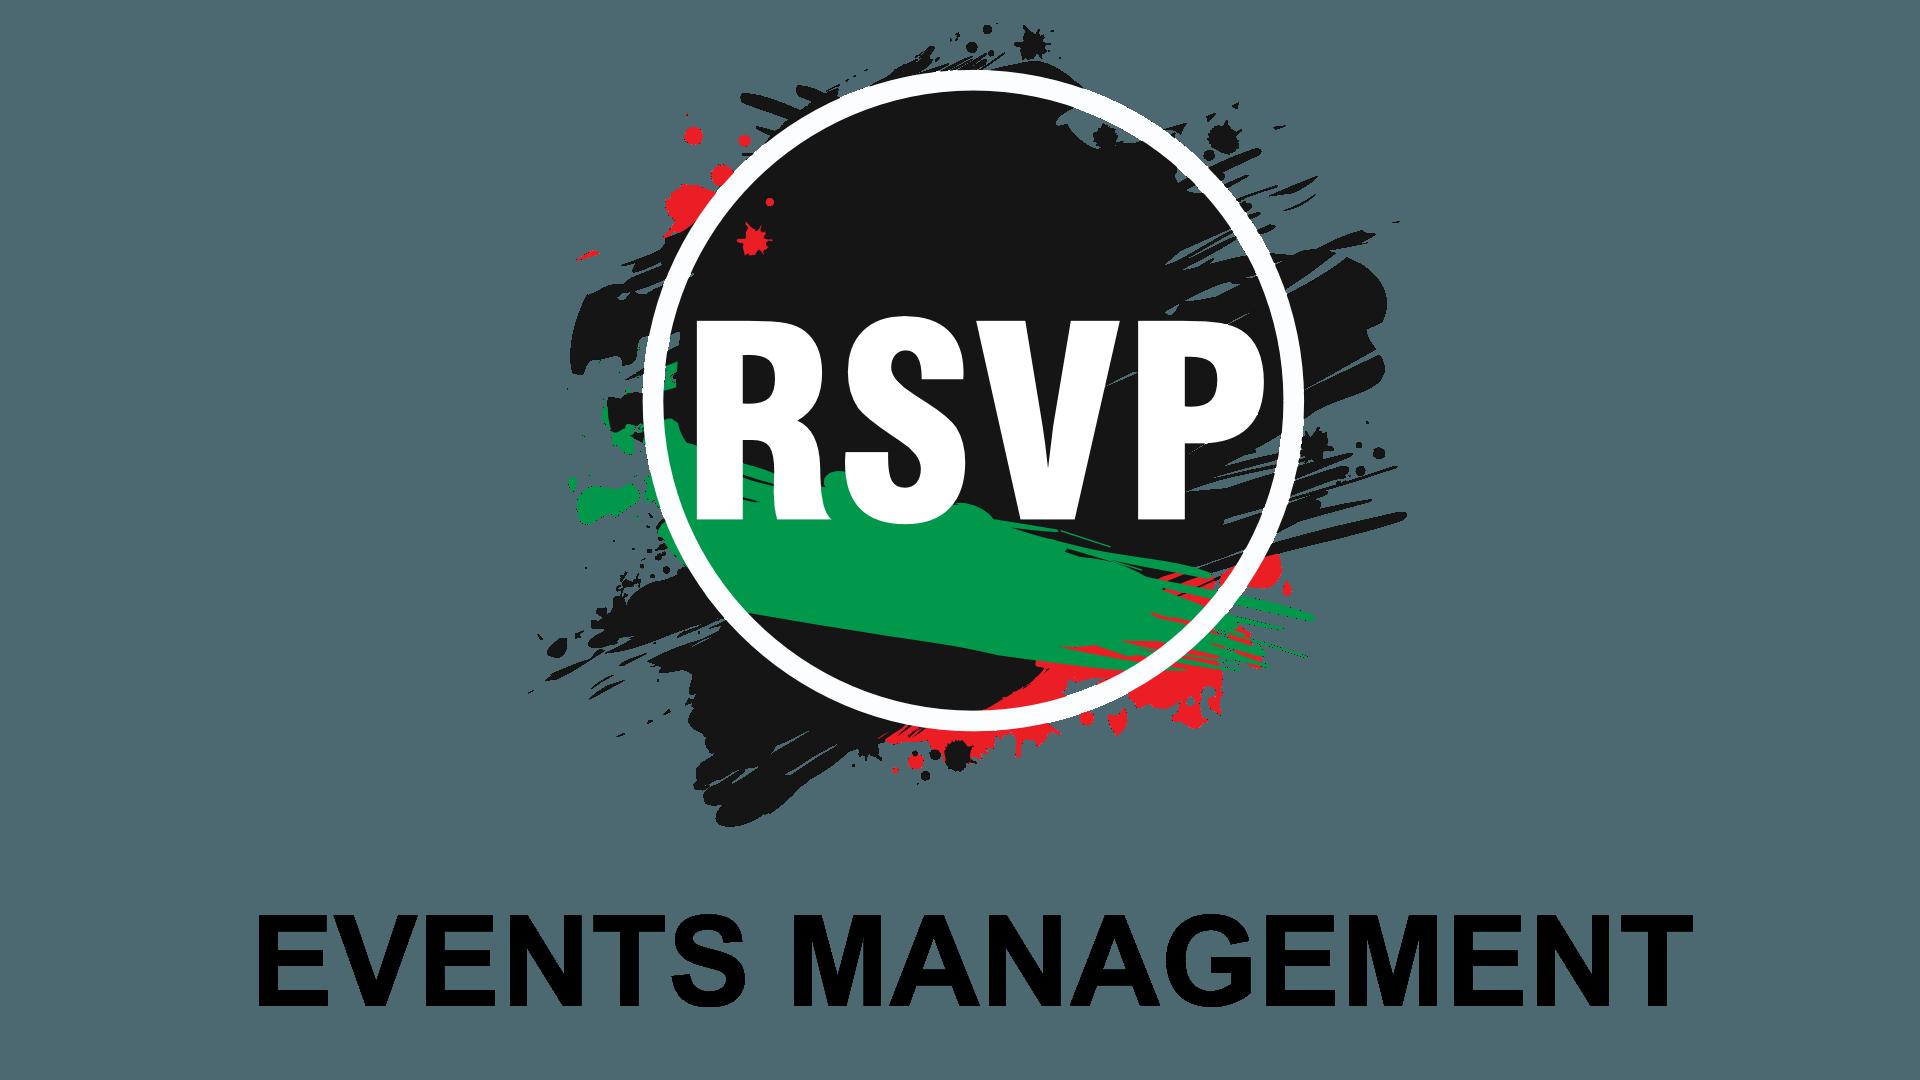 RSVP-TRANSPERANT-LOGO.png